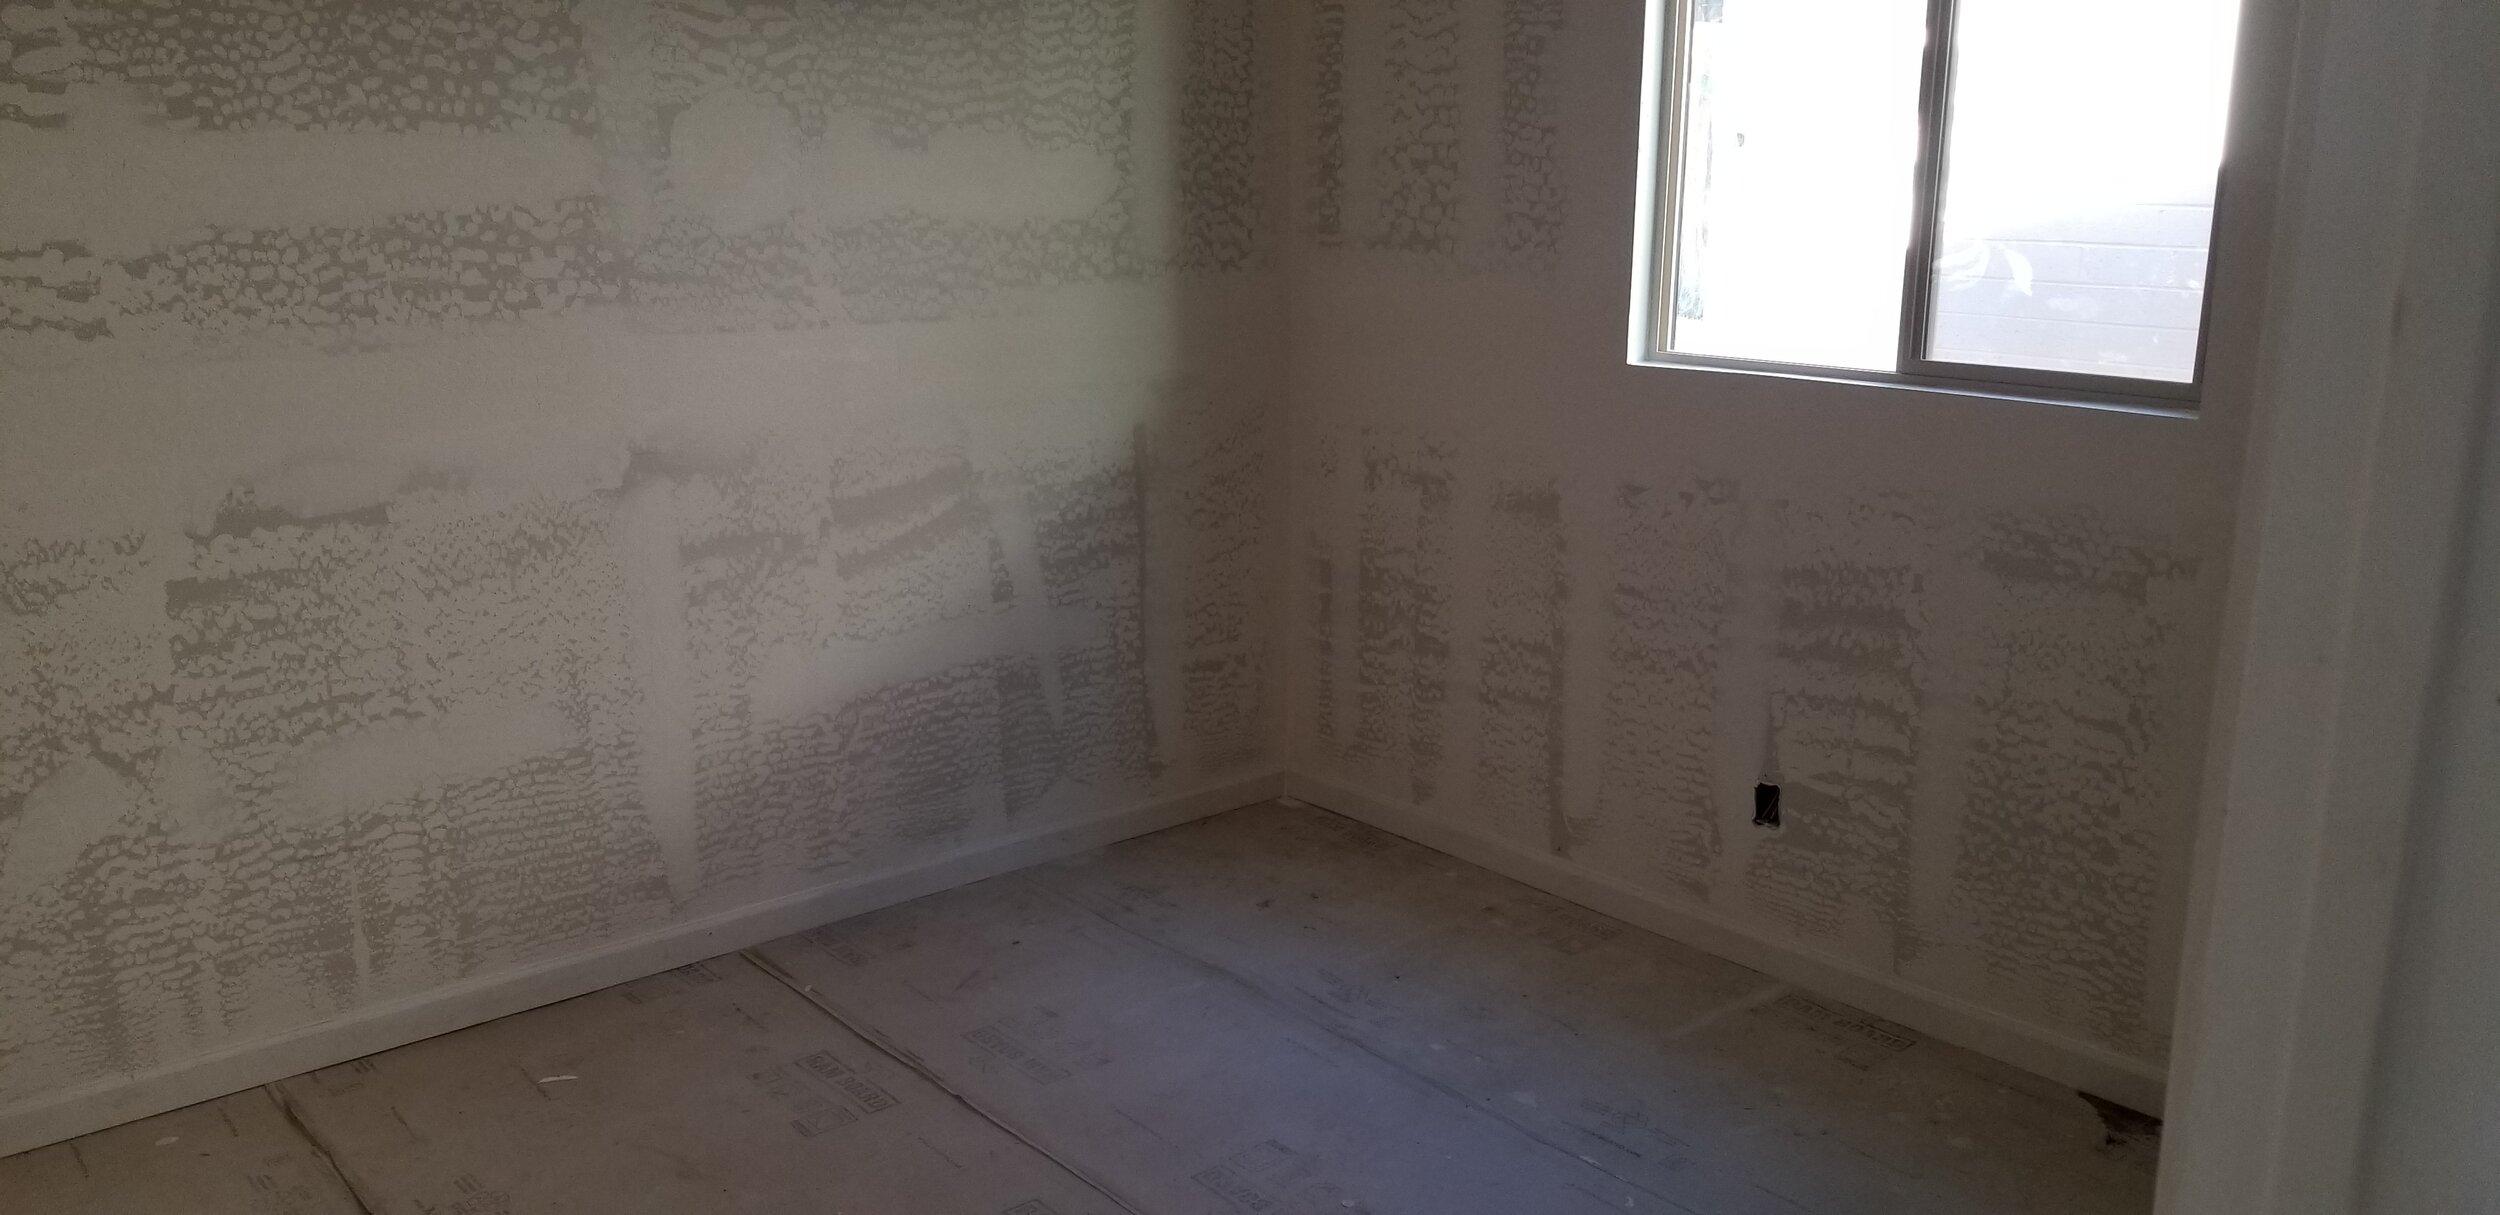 Sheetrock in 2 new bedrooms